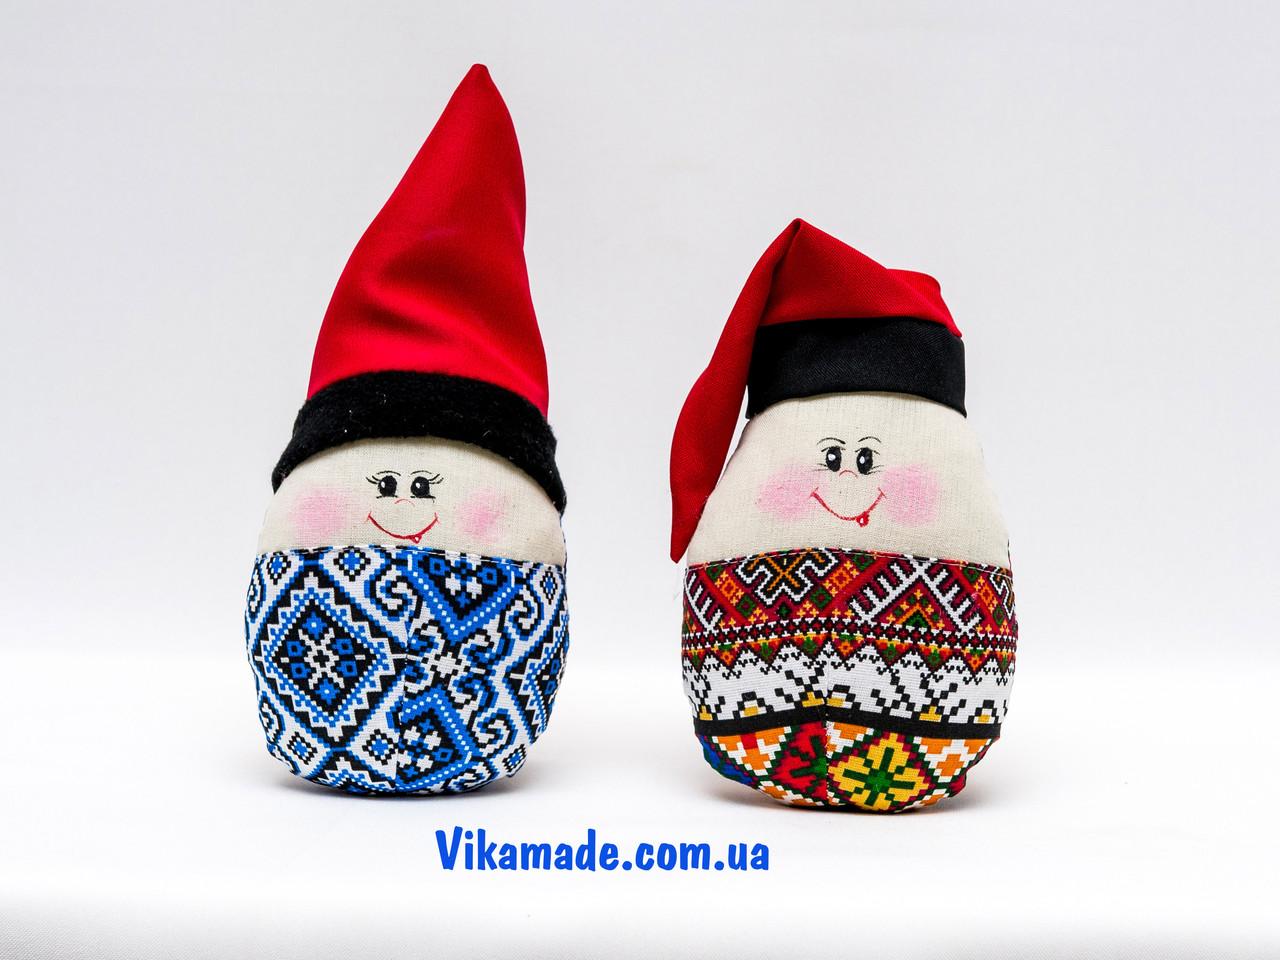 Пасхальный декор яйцо козак